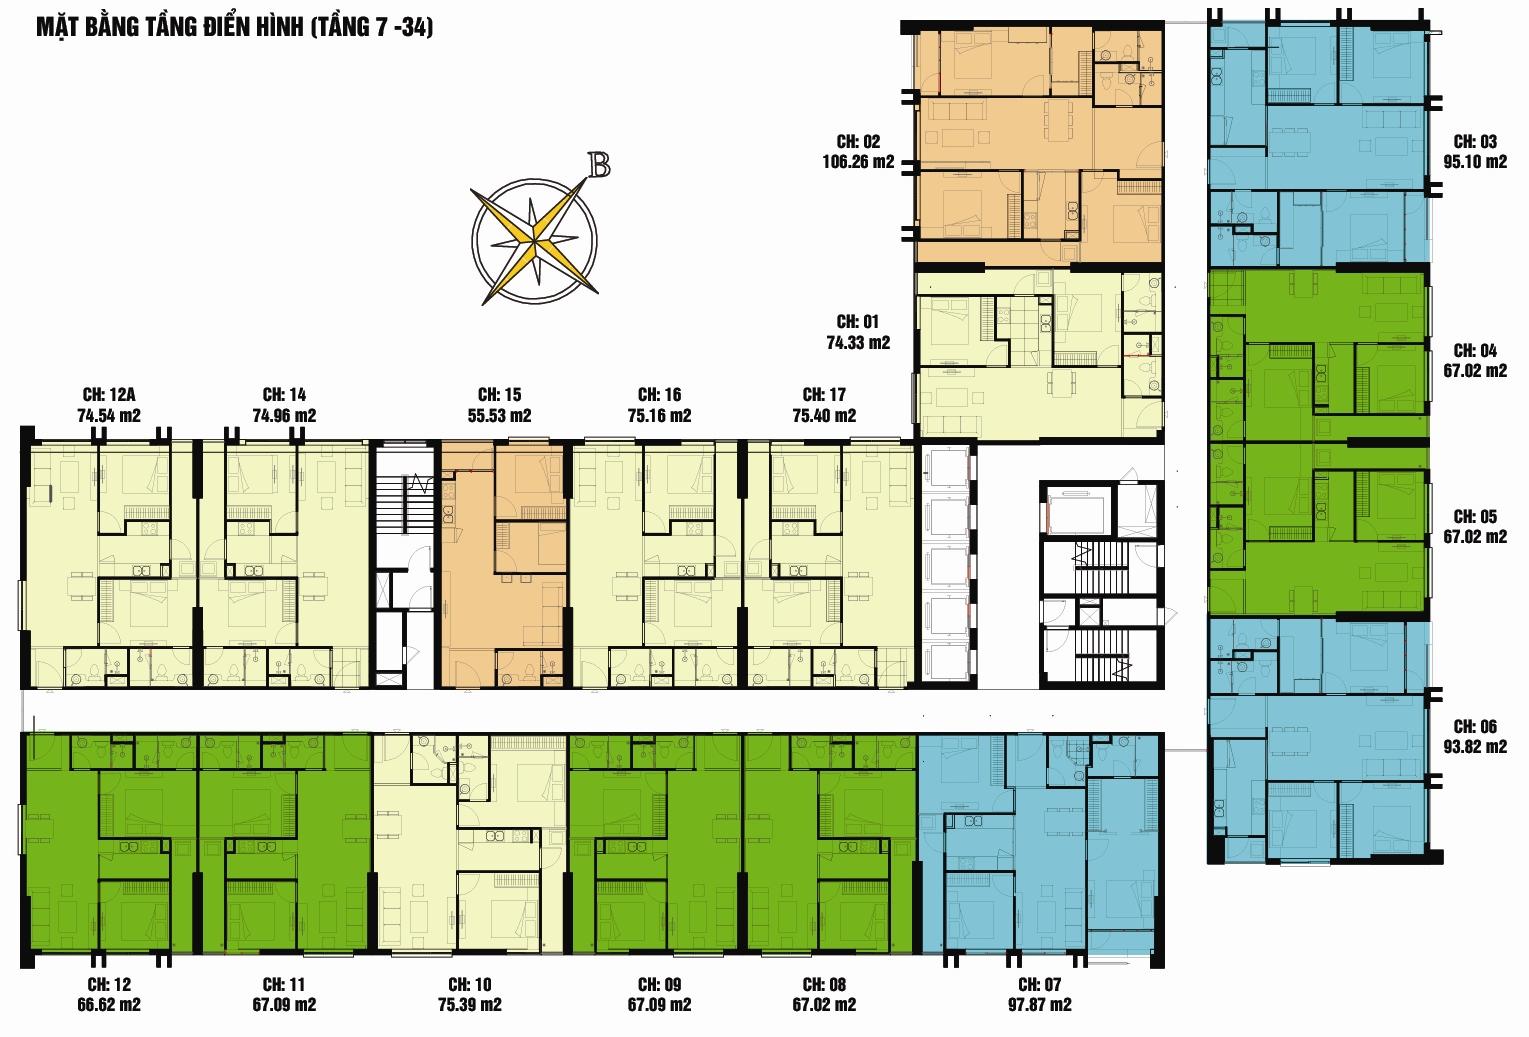 eco green citymatbang 1435860114 Tổng quan và quy mô khu phức hợp Eco Green City